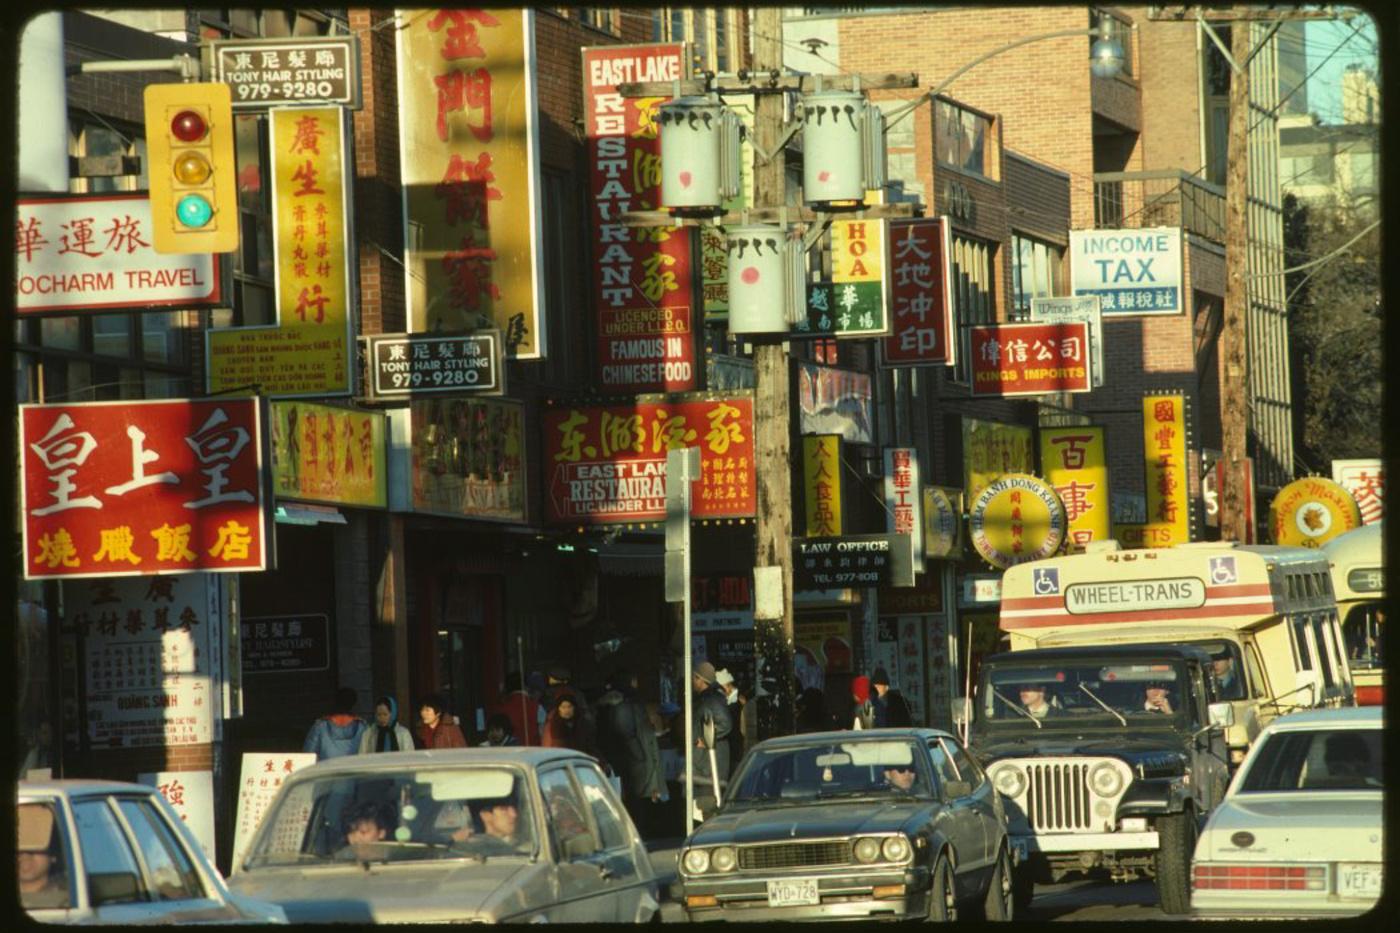 chinatown 1980s